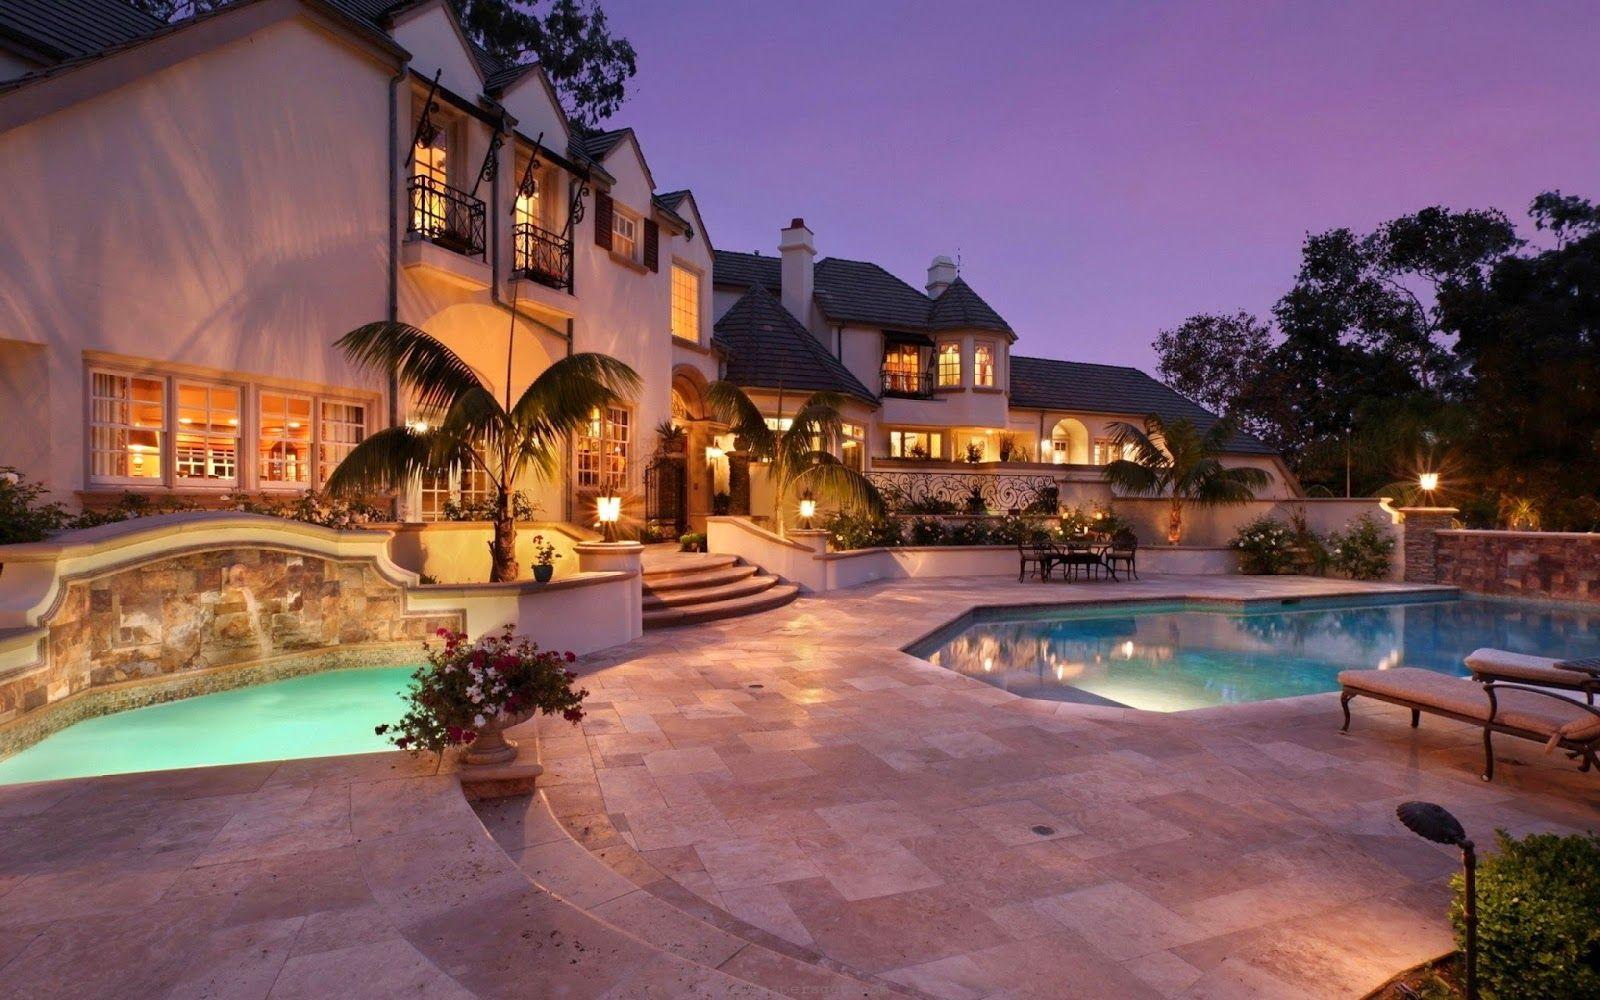 Amazing house architecture h o m e s pinterest amazing houses